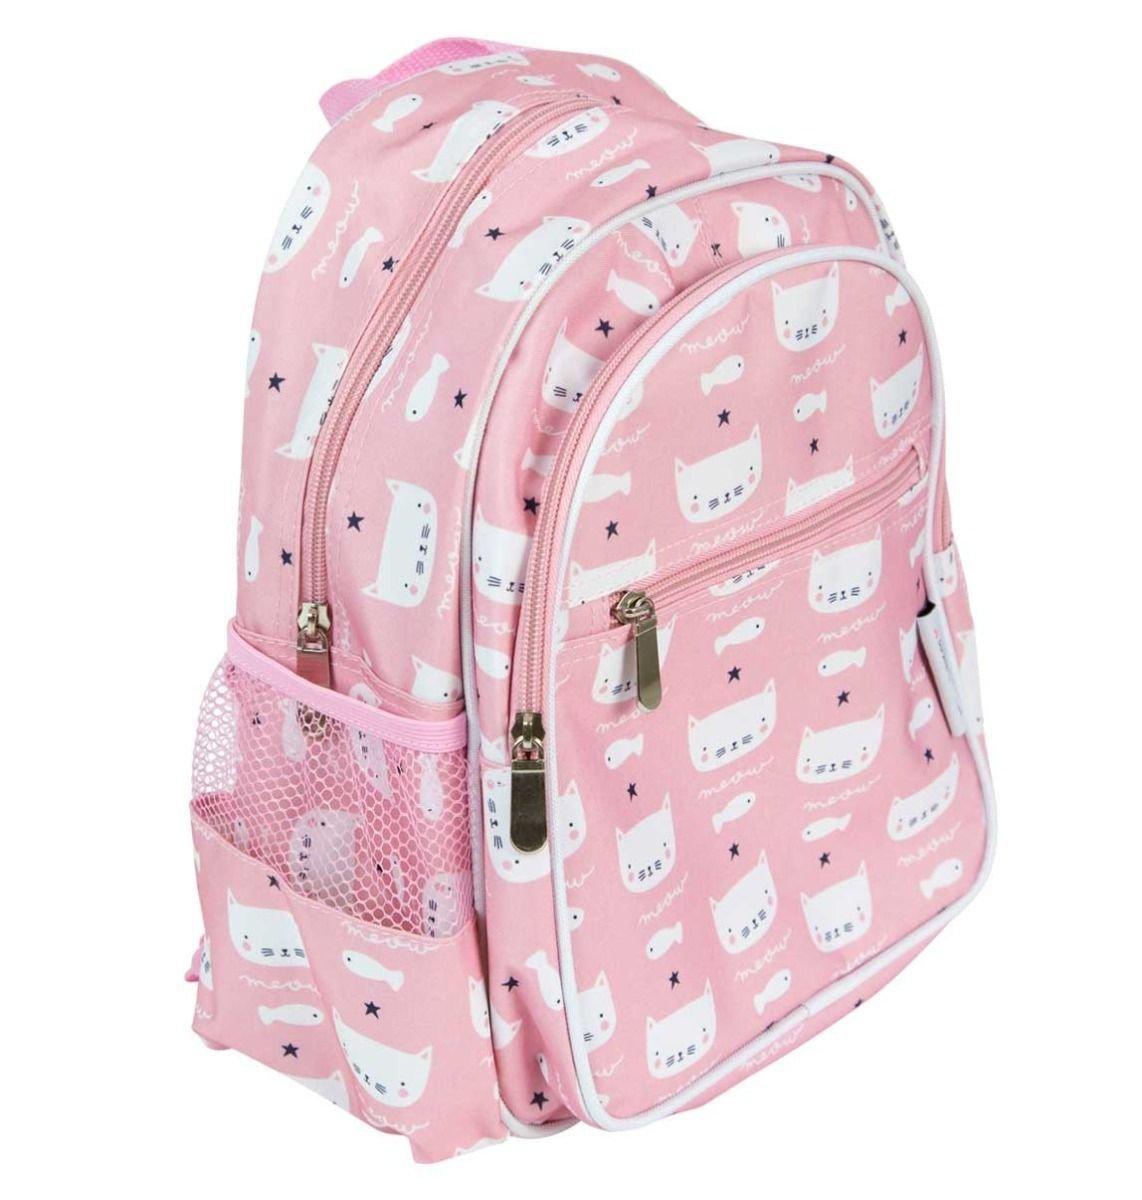 A Little Lovely Company, plecak kotki, - fruttidimamma com pl ,A